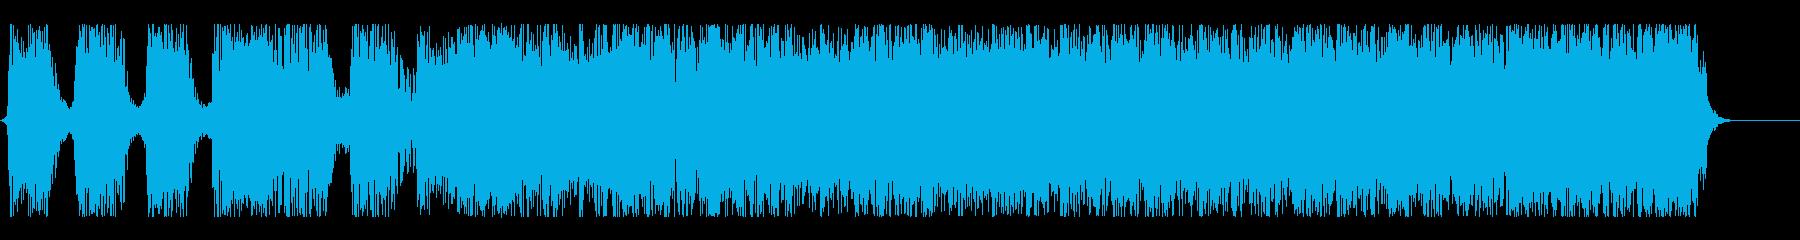 ハードコア風ショートサウンド#02の再生済みの波形